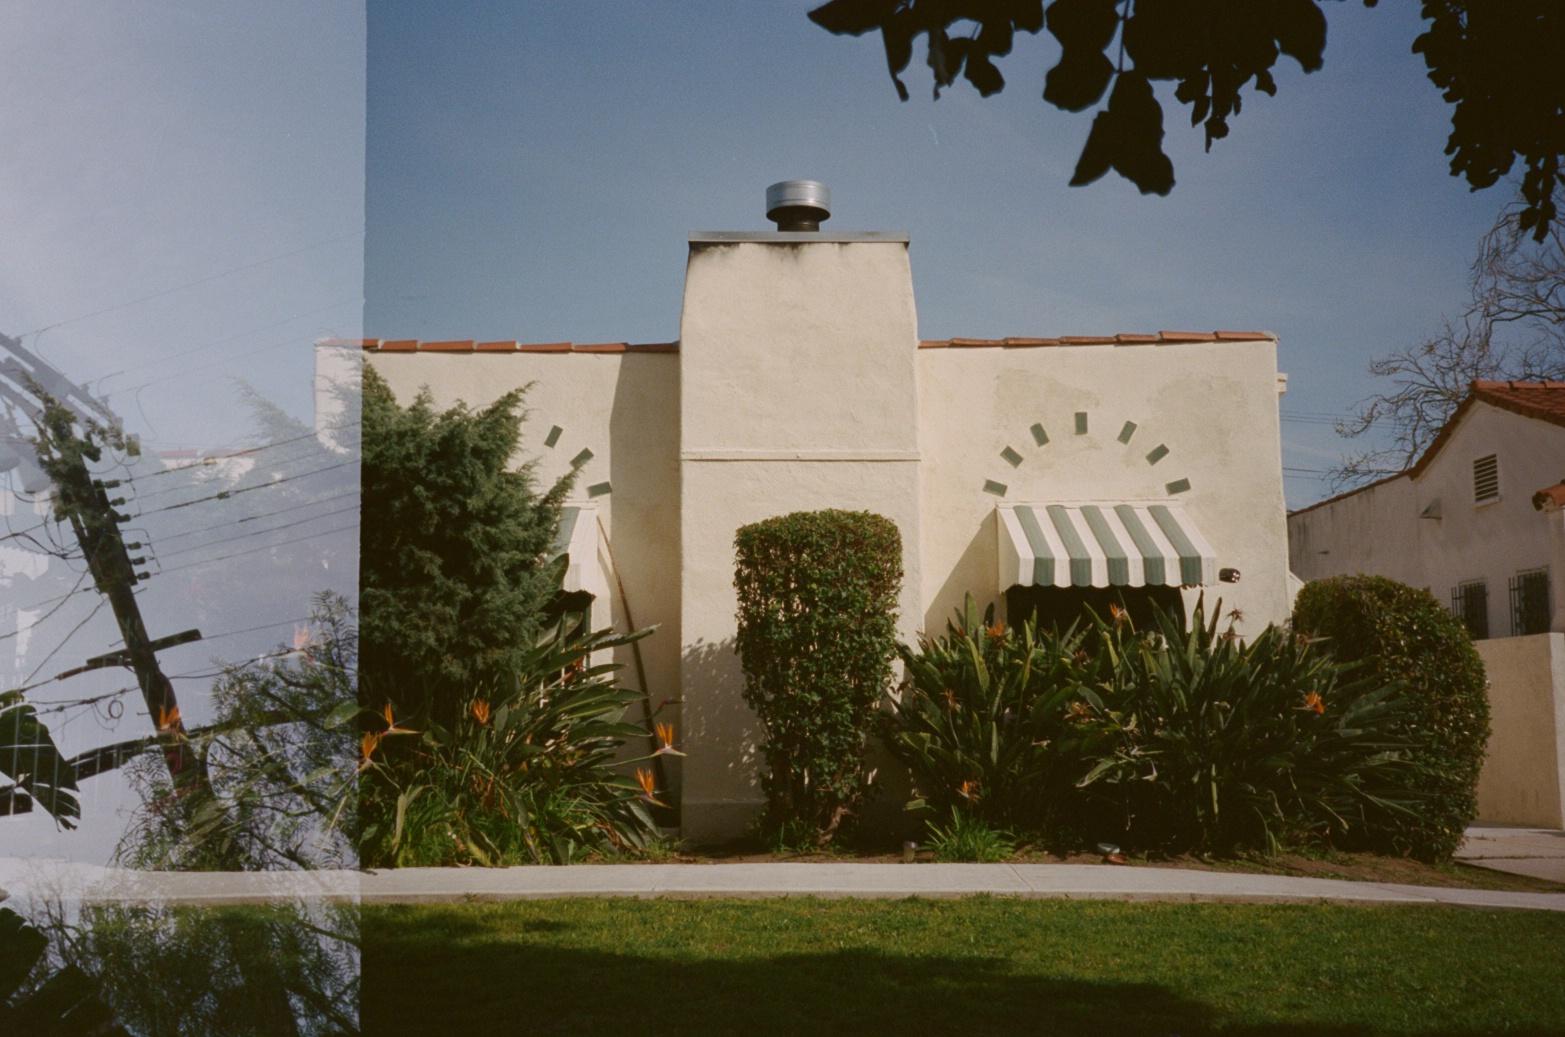 SOUTH CITRUS AVENUE, LOS ANGELES | MARCH 2019